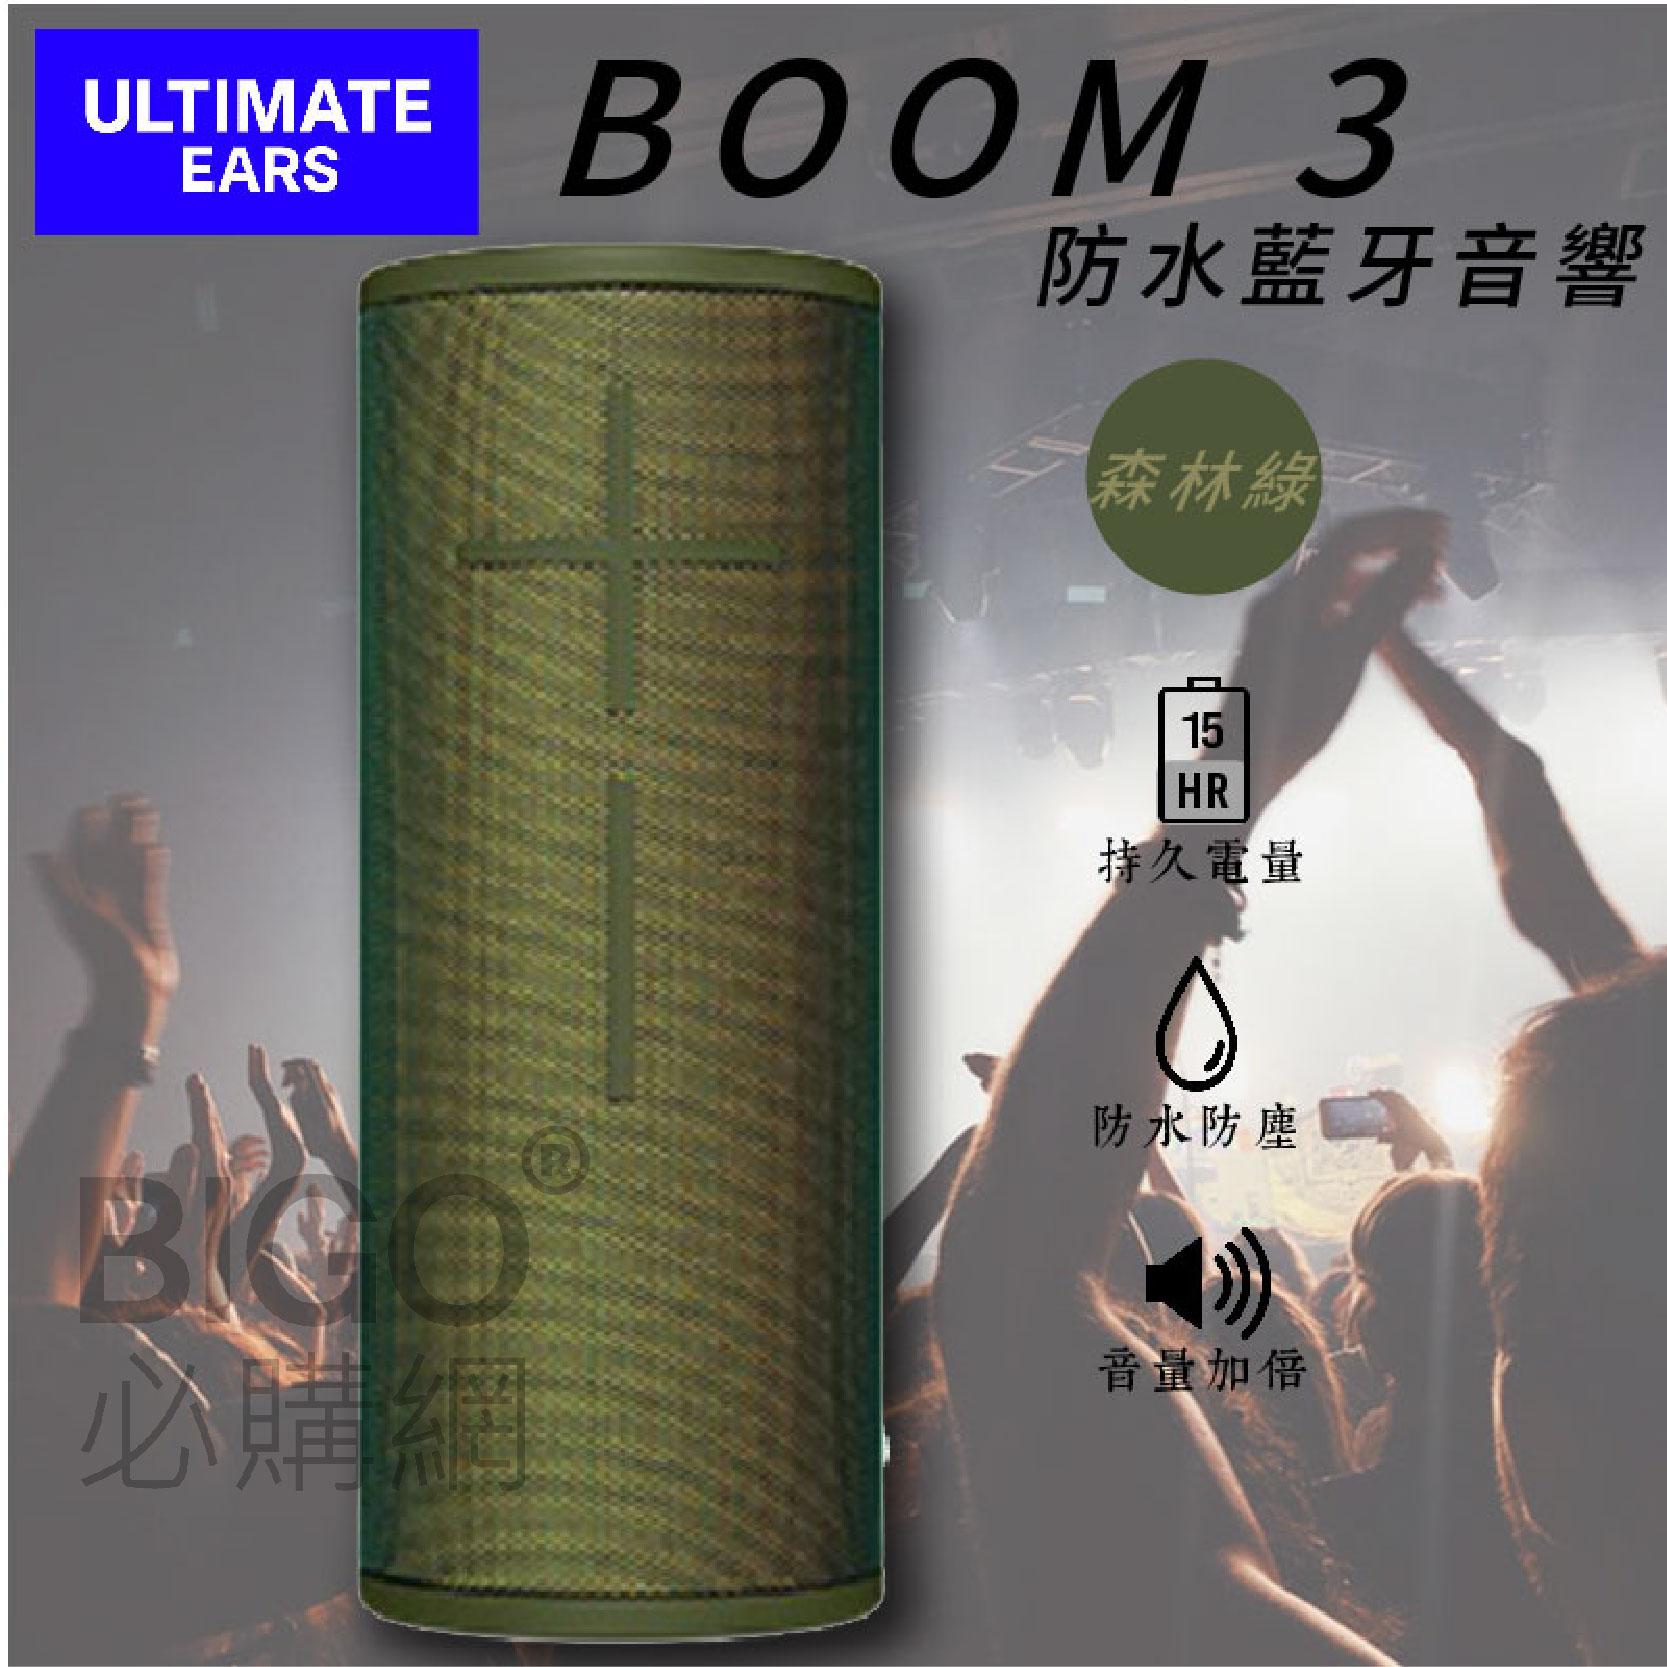 超大音量🔊美國UE  藍芽喇叭BOOM3 森林綠  防水 防塵 可浮水  IP67 音量增強 操作簡易 攜帶輕便 無線